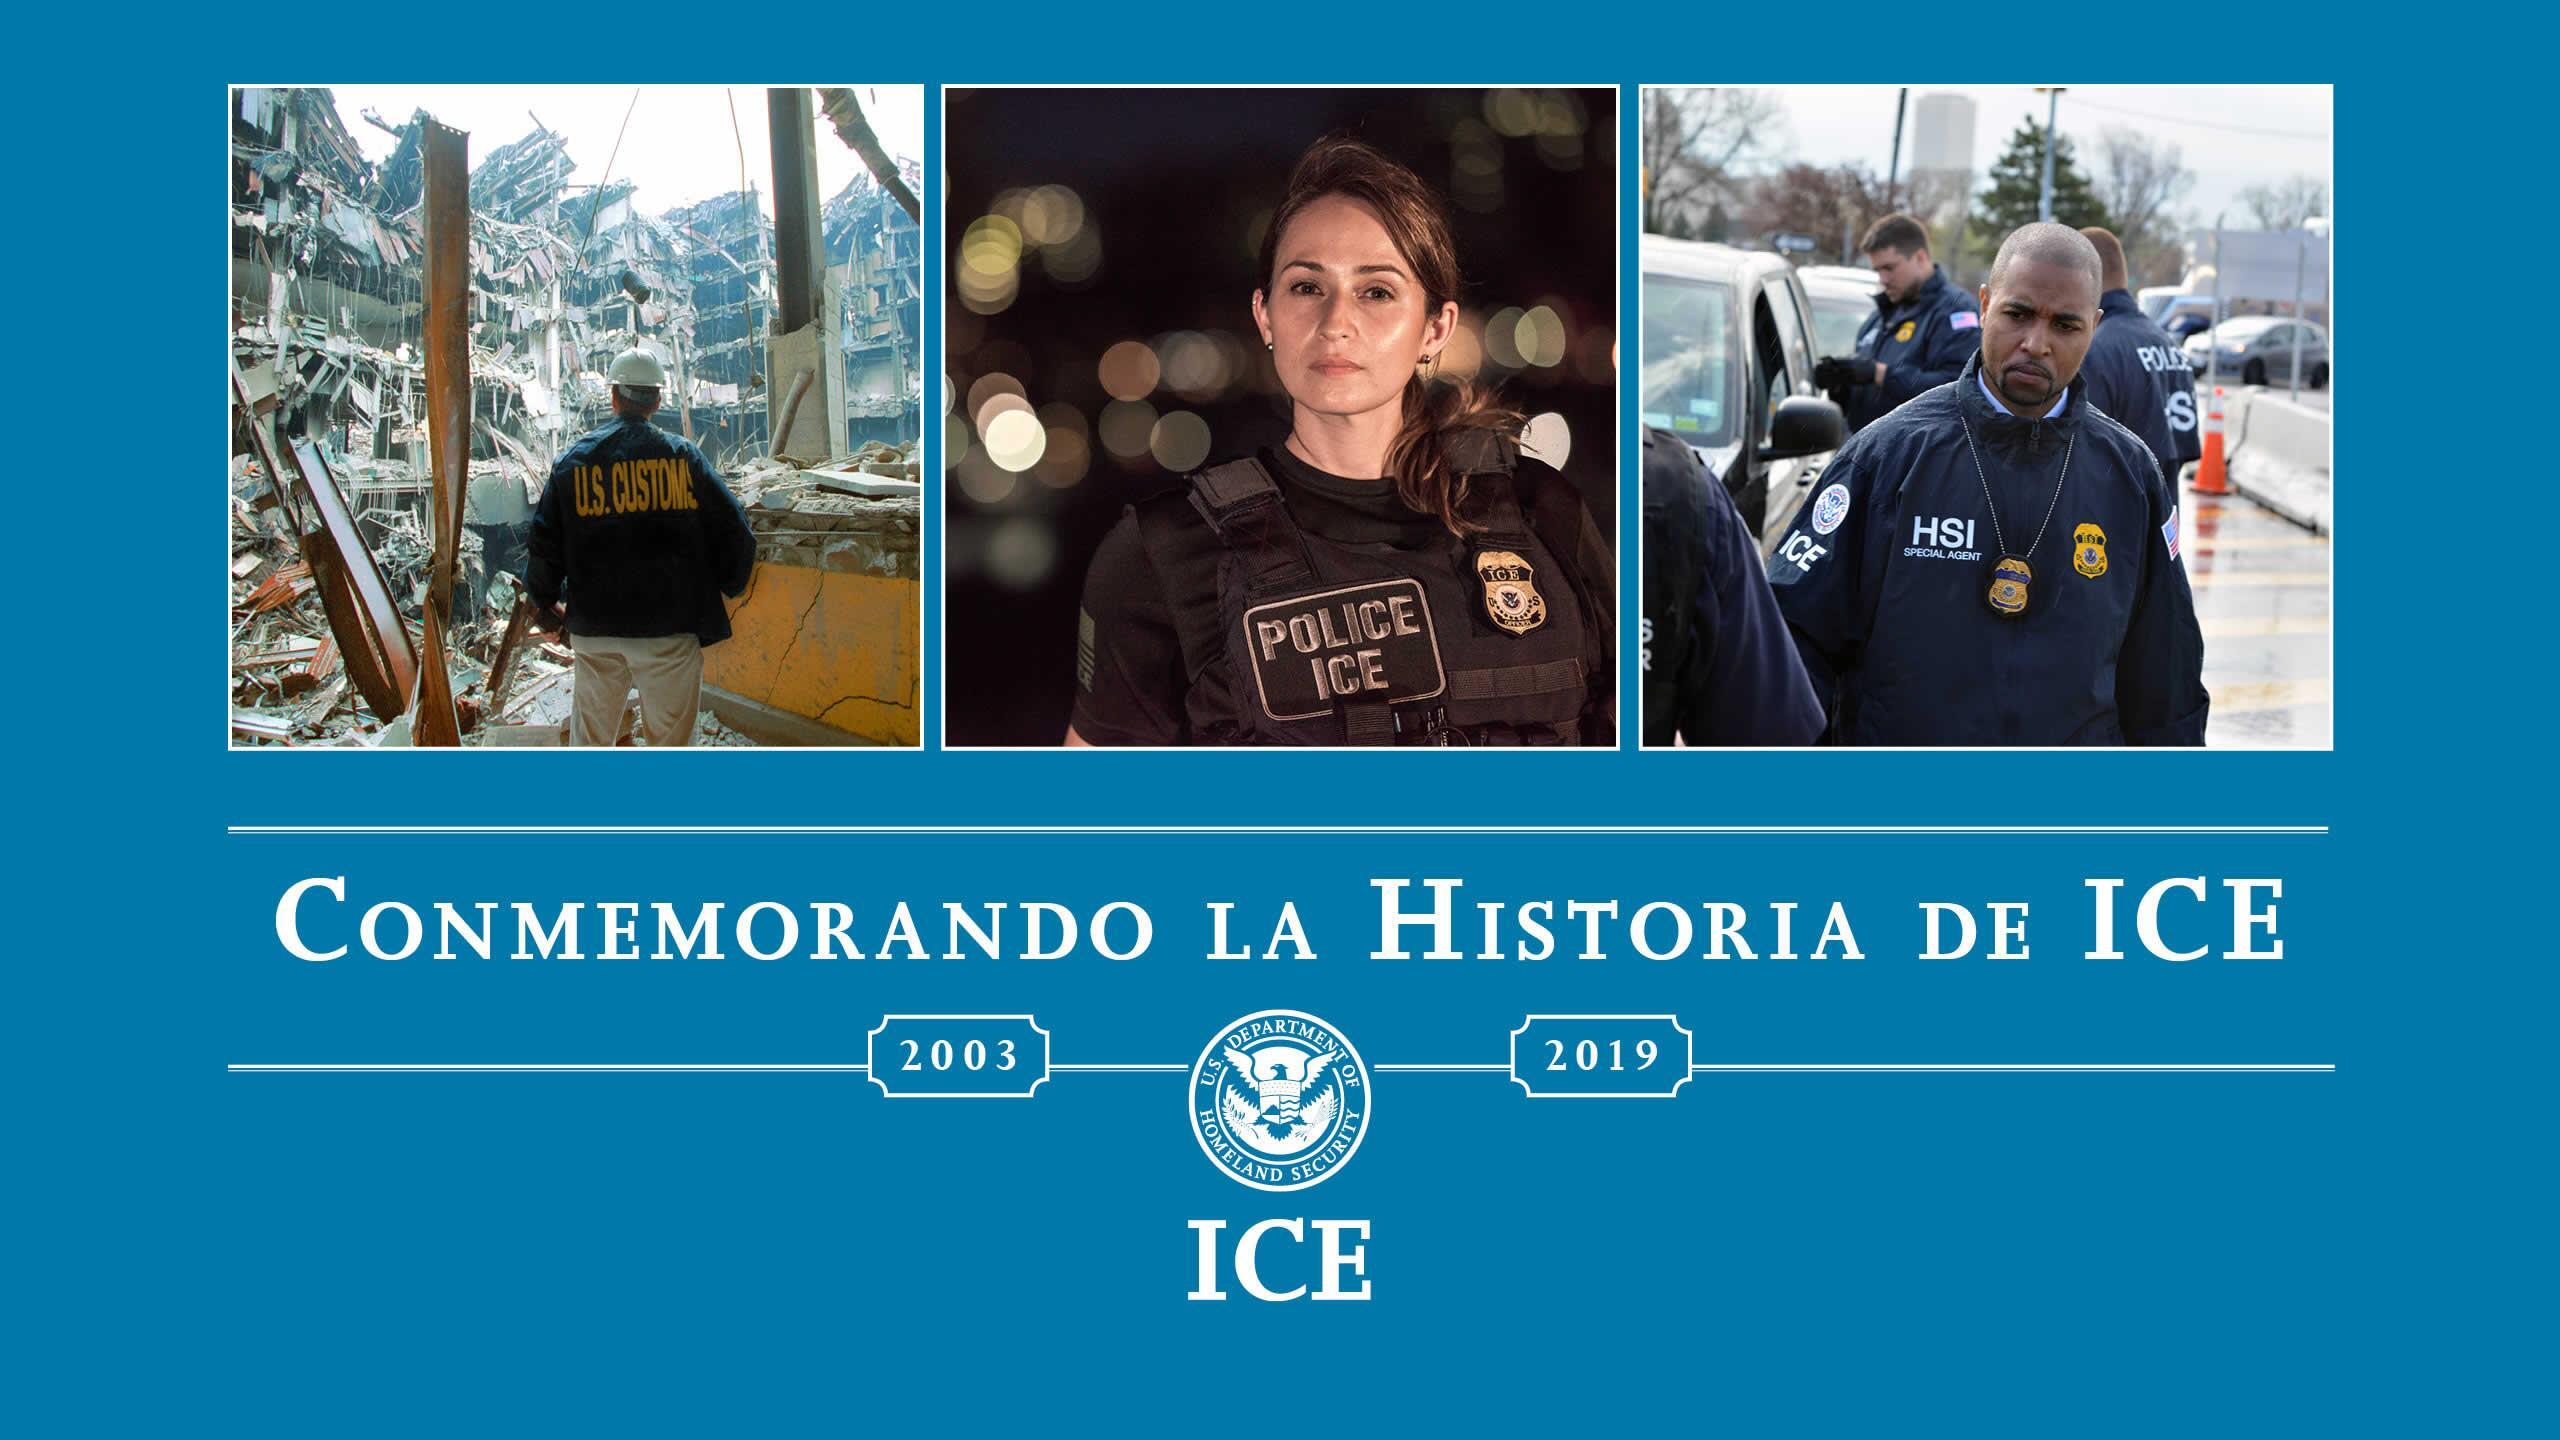 Celebrando la Historia de ICE